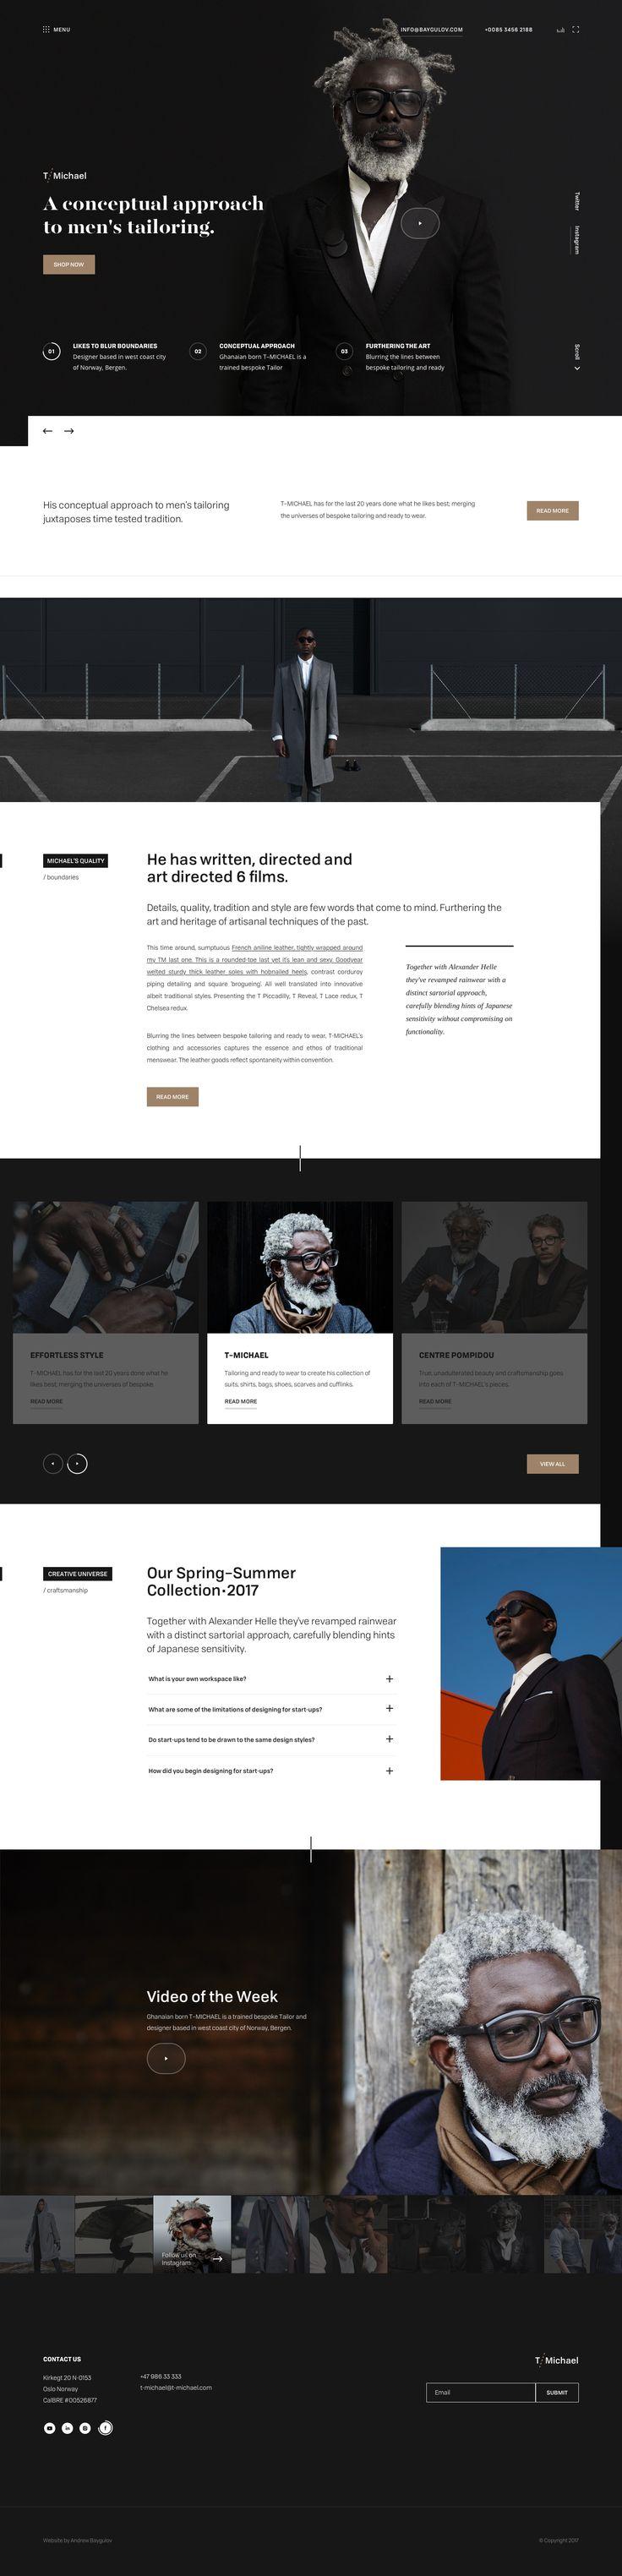 best ui u blog images on pinterest website designs design web